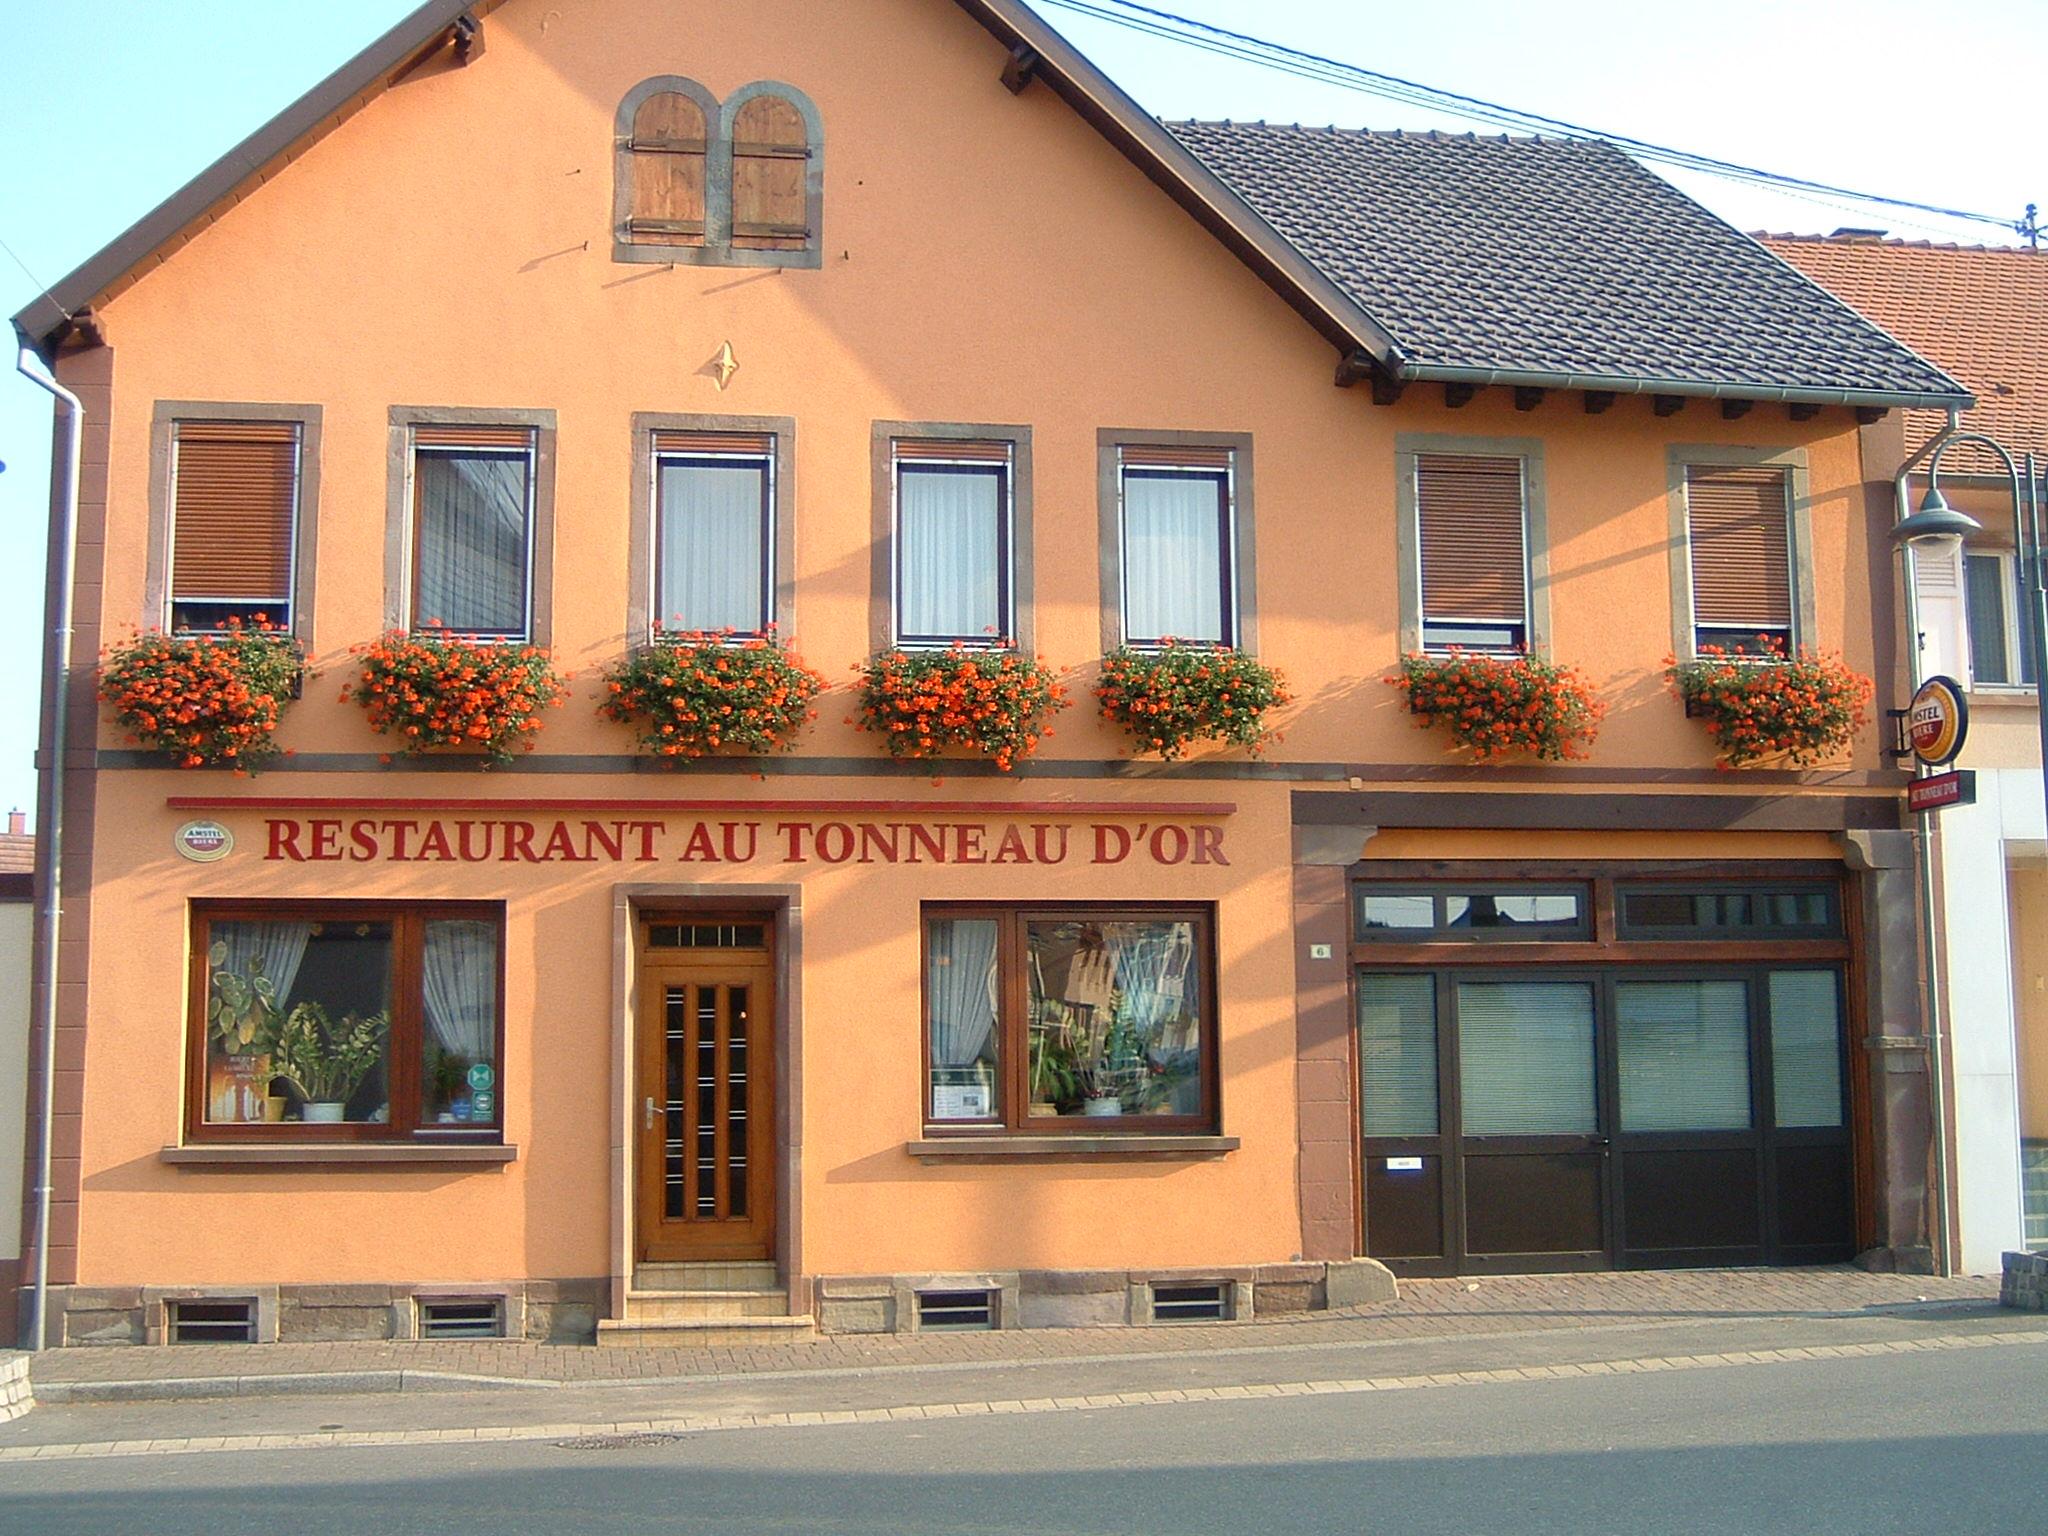 Restaurant Au Tonneau d'Or